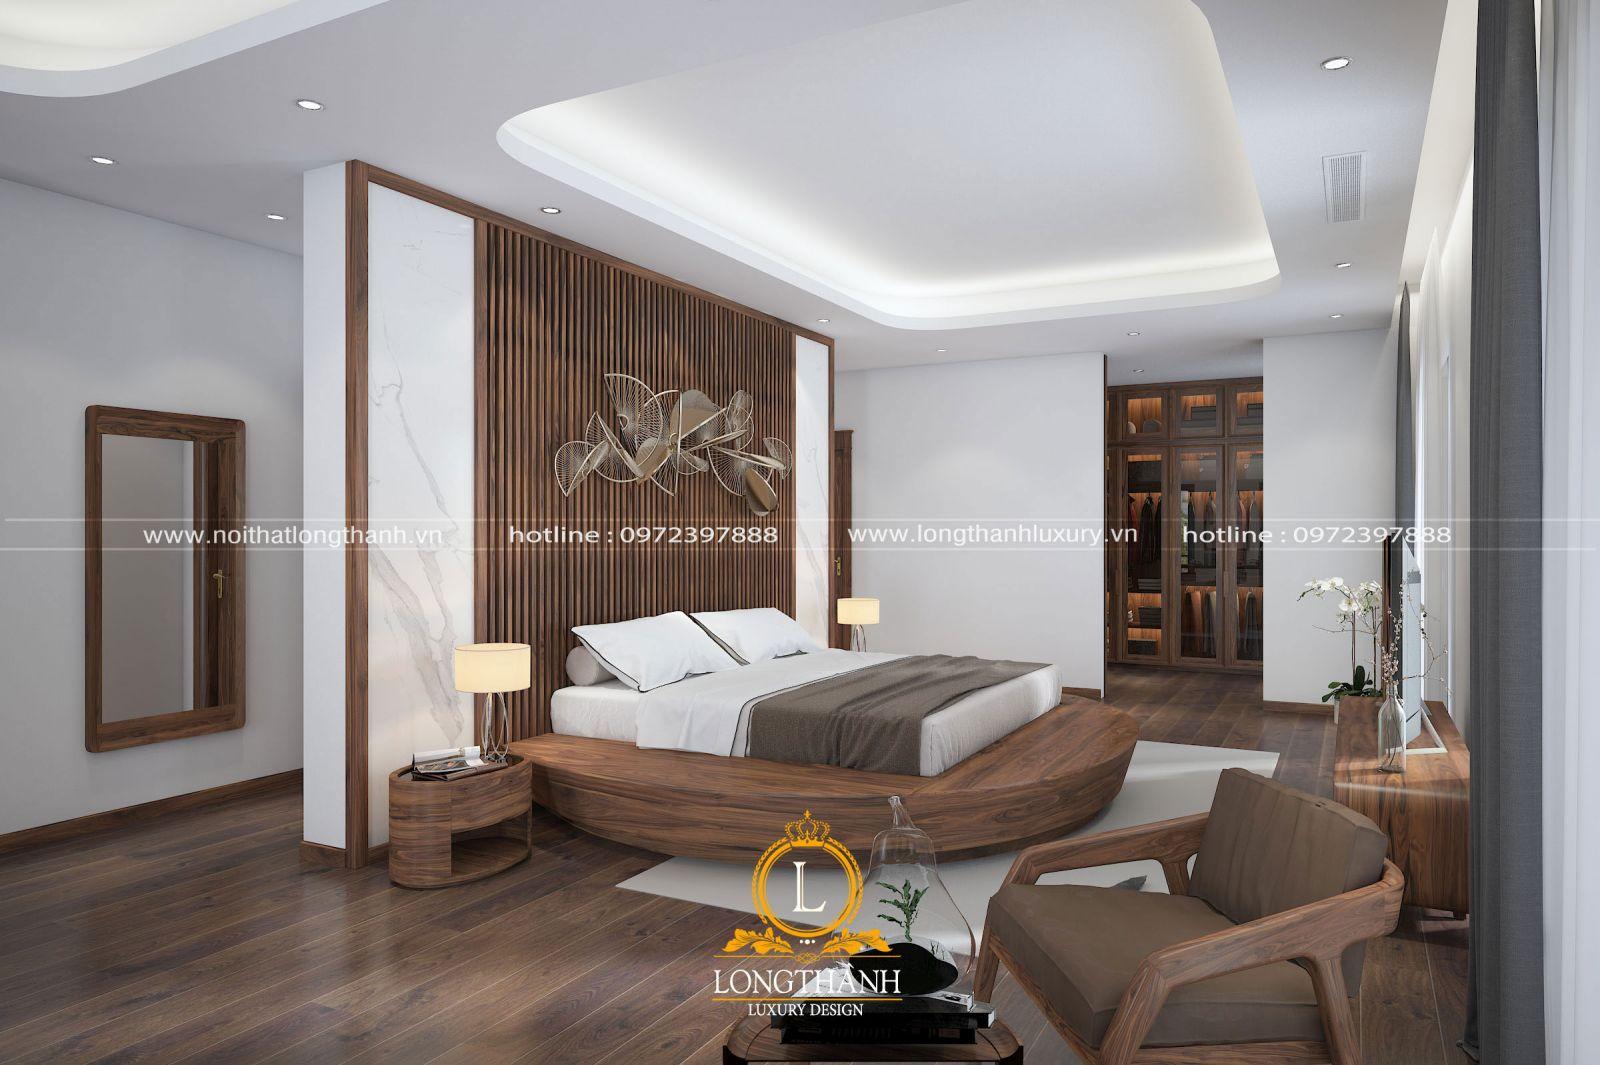 Hệ trần giật cấp được thiết kế giúp căn phòng ngủ như cao hơn